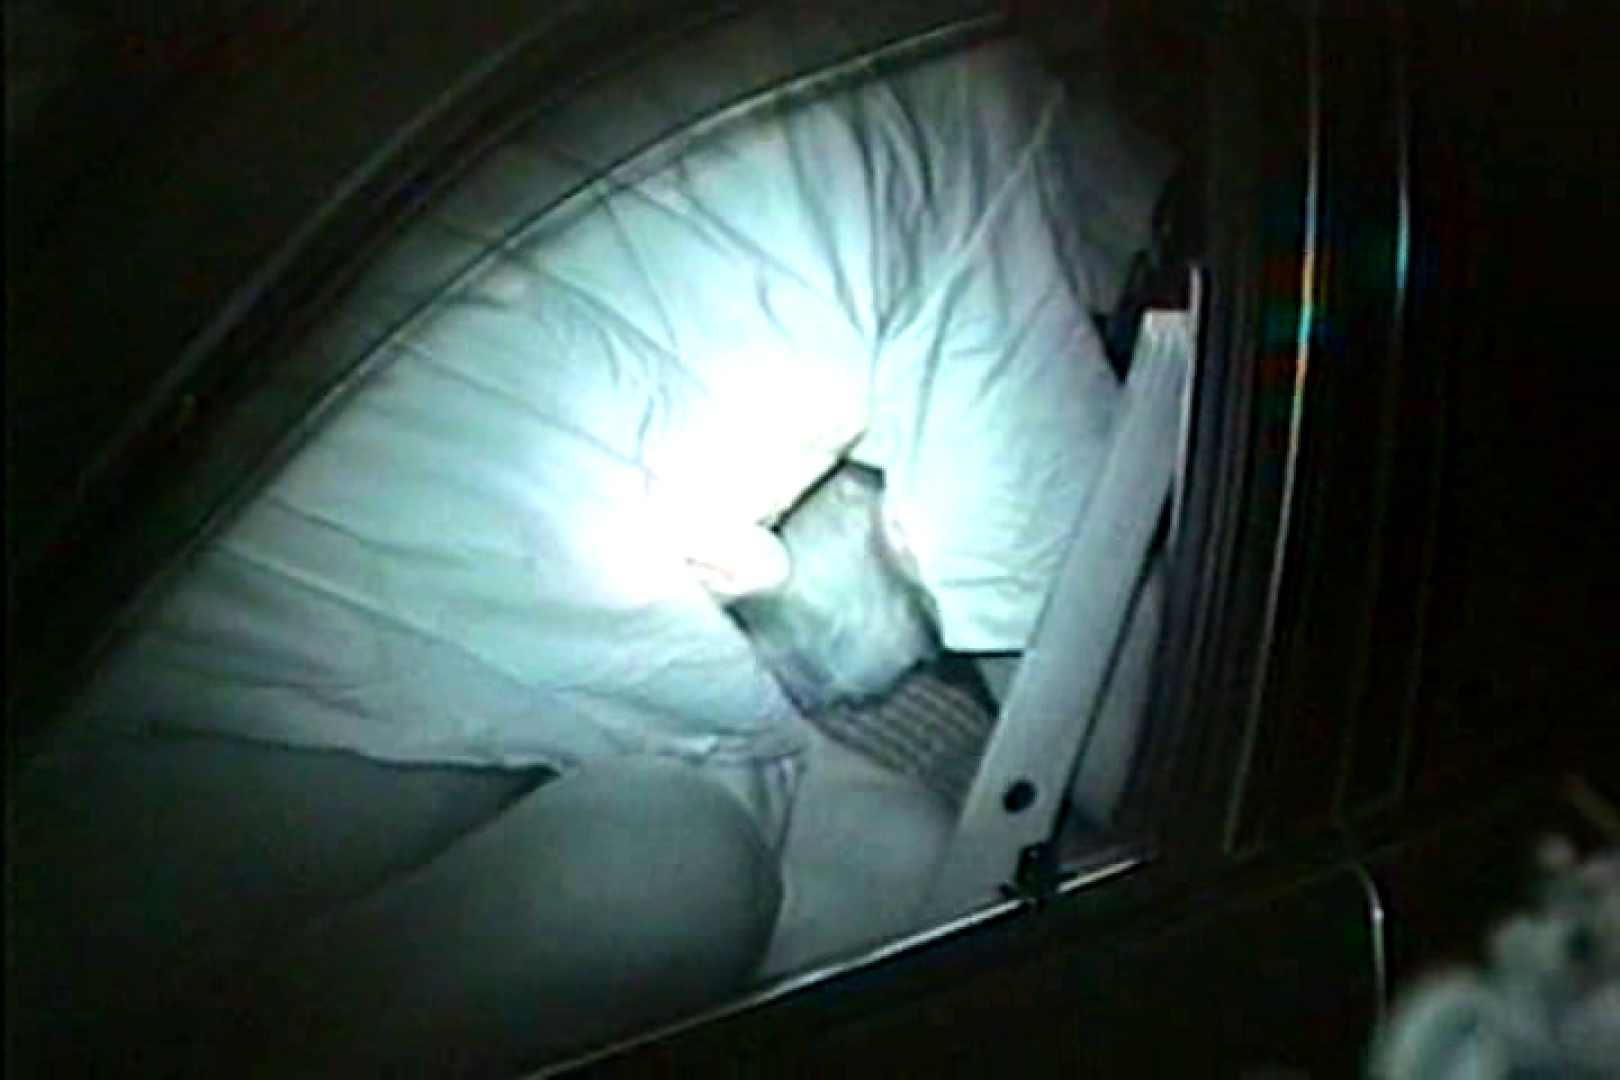 車の中はラブホテル 無修正版  Vol.6 セックス 盗撮画像 31連発 23